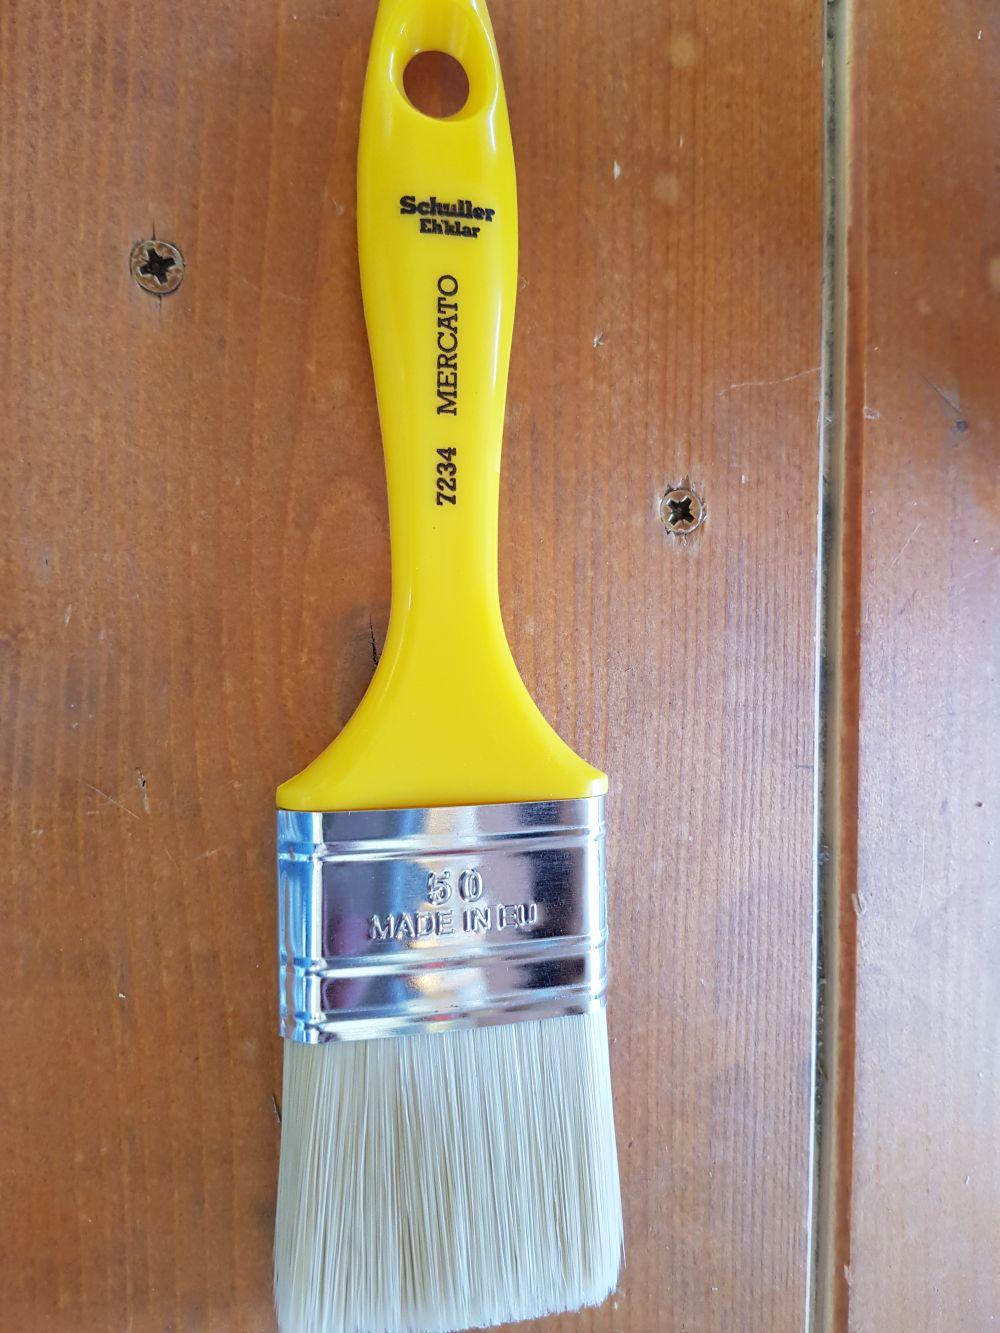 Ecset müanyag sárga 40mm sch BAUplaza Kft.